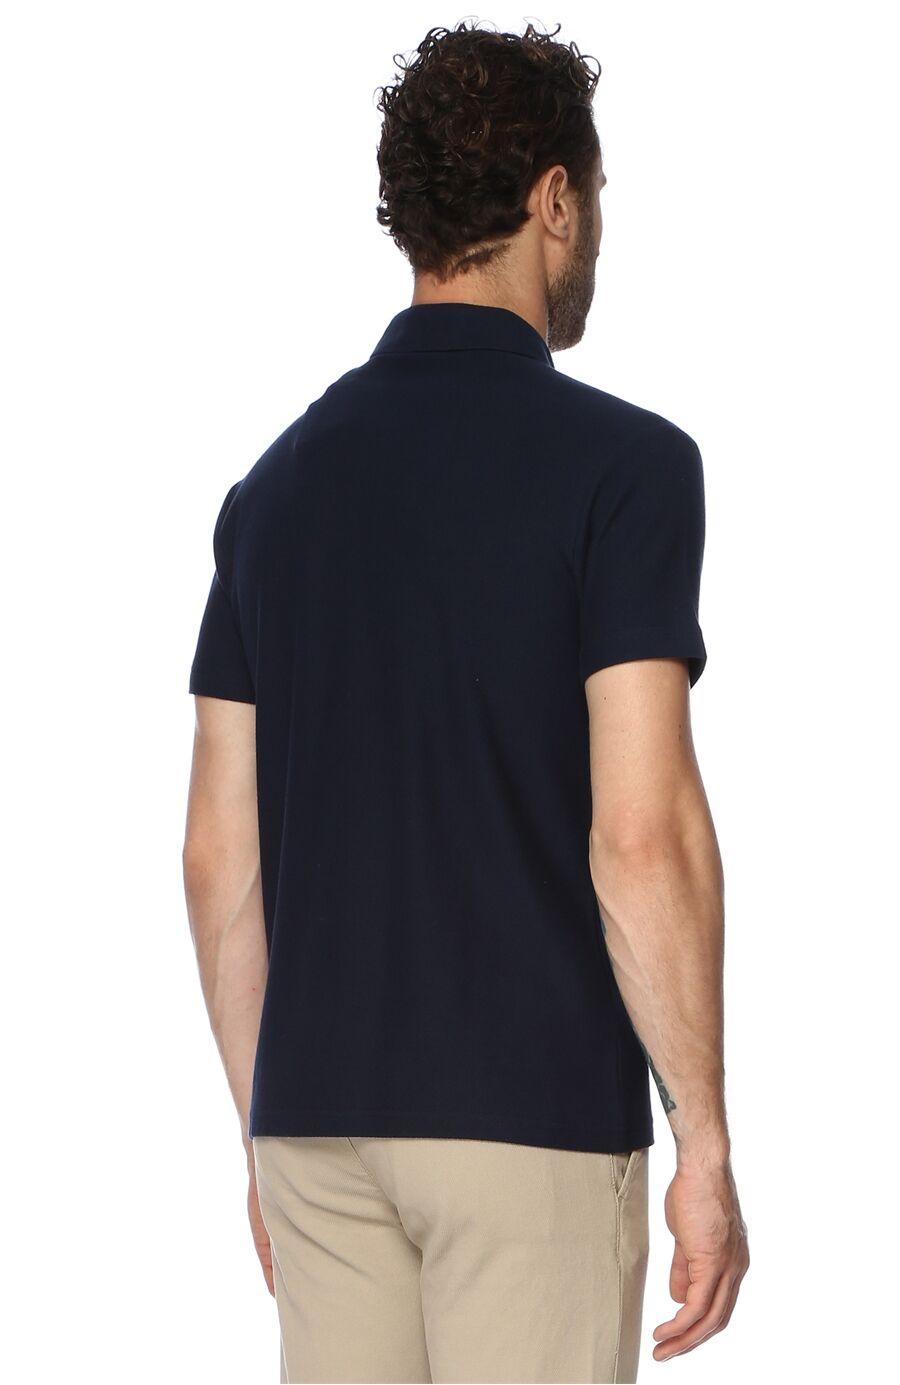 Slım Fit Kısa Kol Lacivert Tshirt